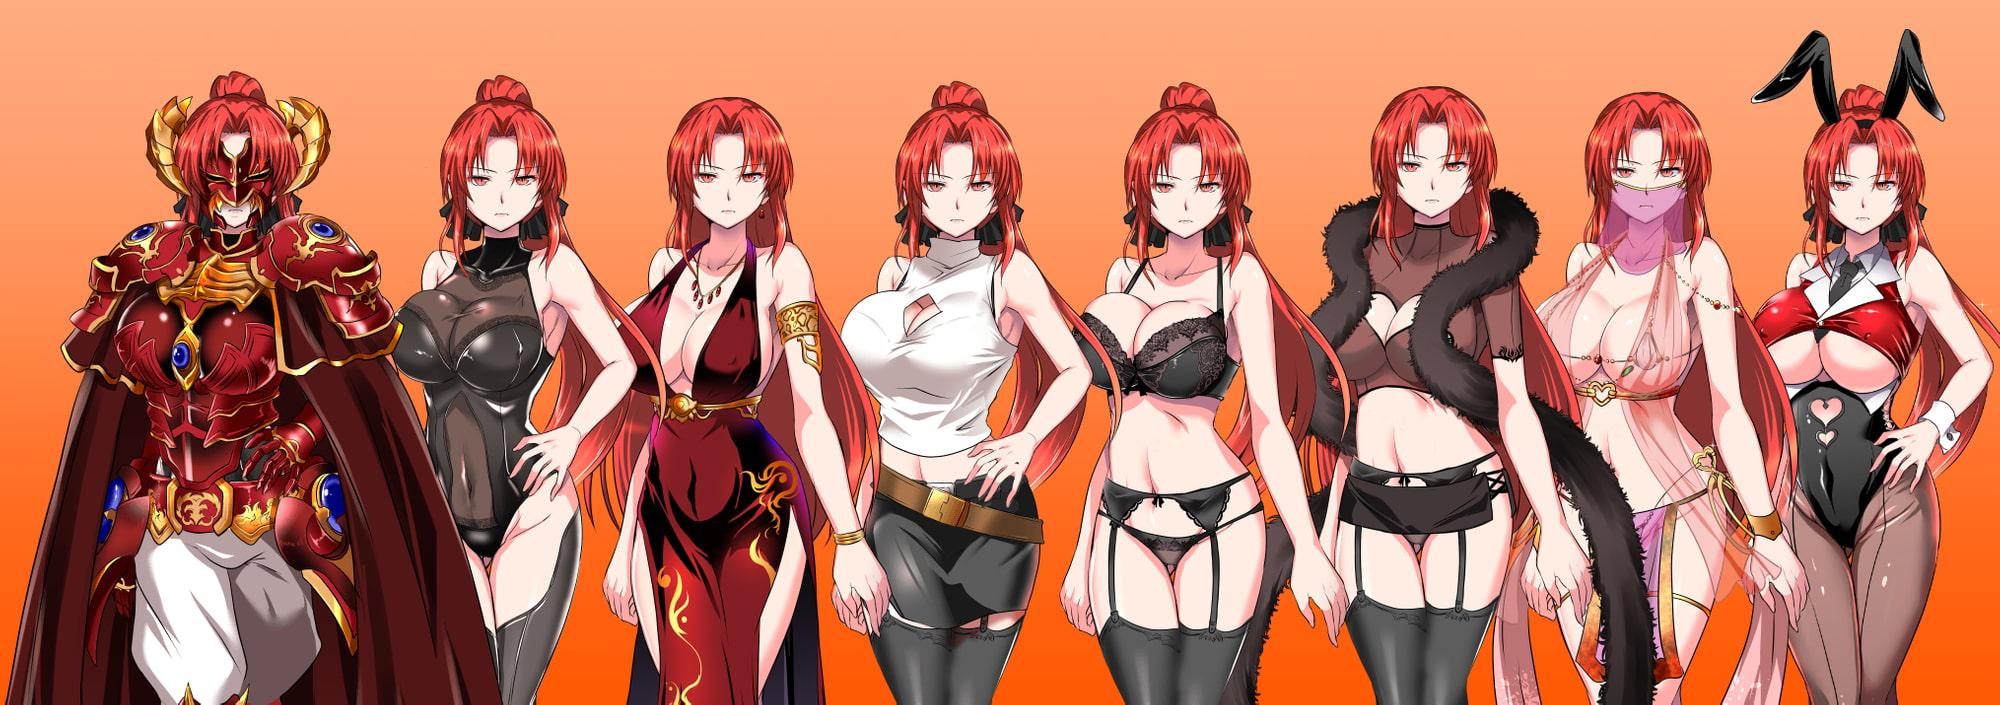 RJ233372 赤髪の鬼神 [20210401]